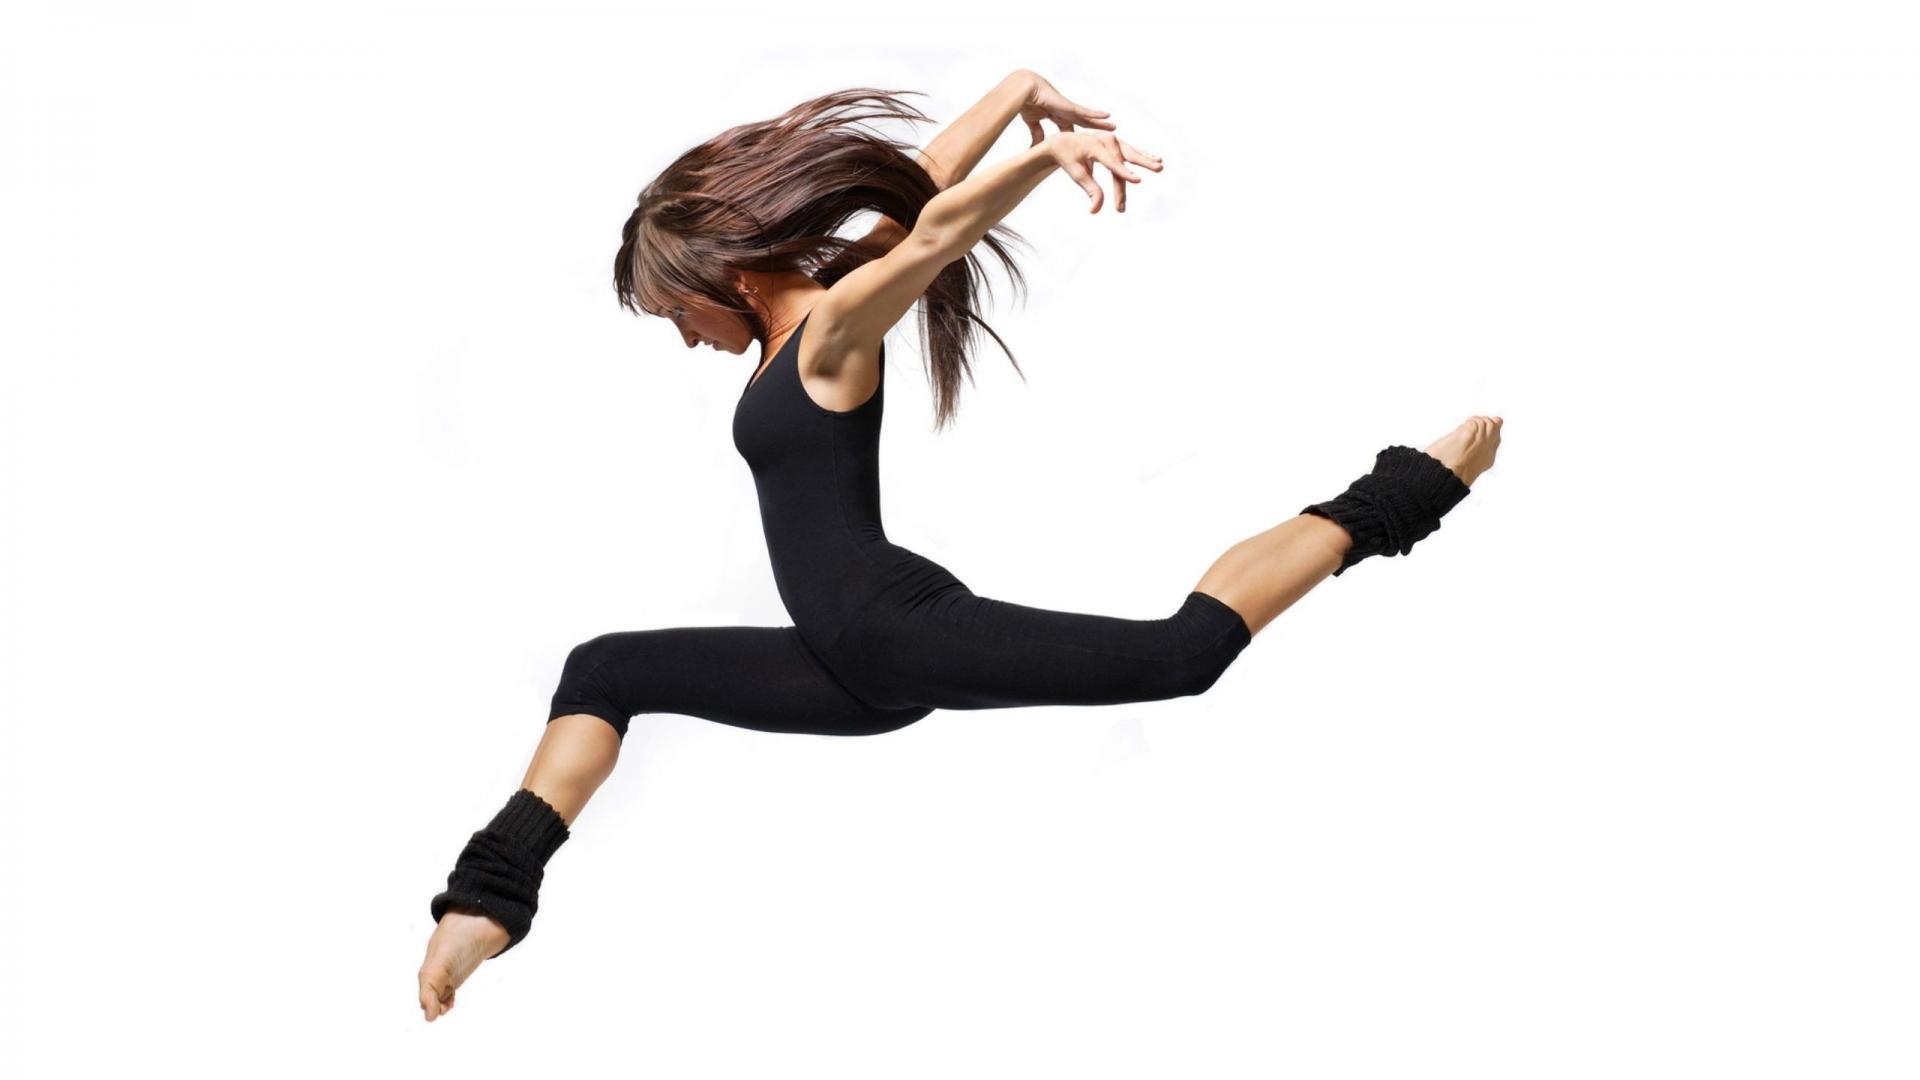 Wallpapers Ballet Modern Dancers Hd Online 1920x1080 1920x1080